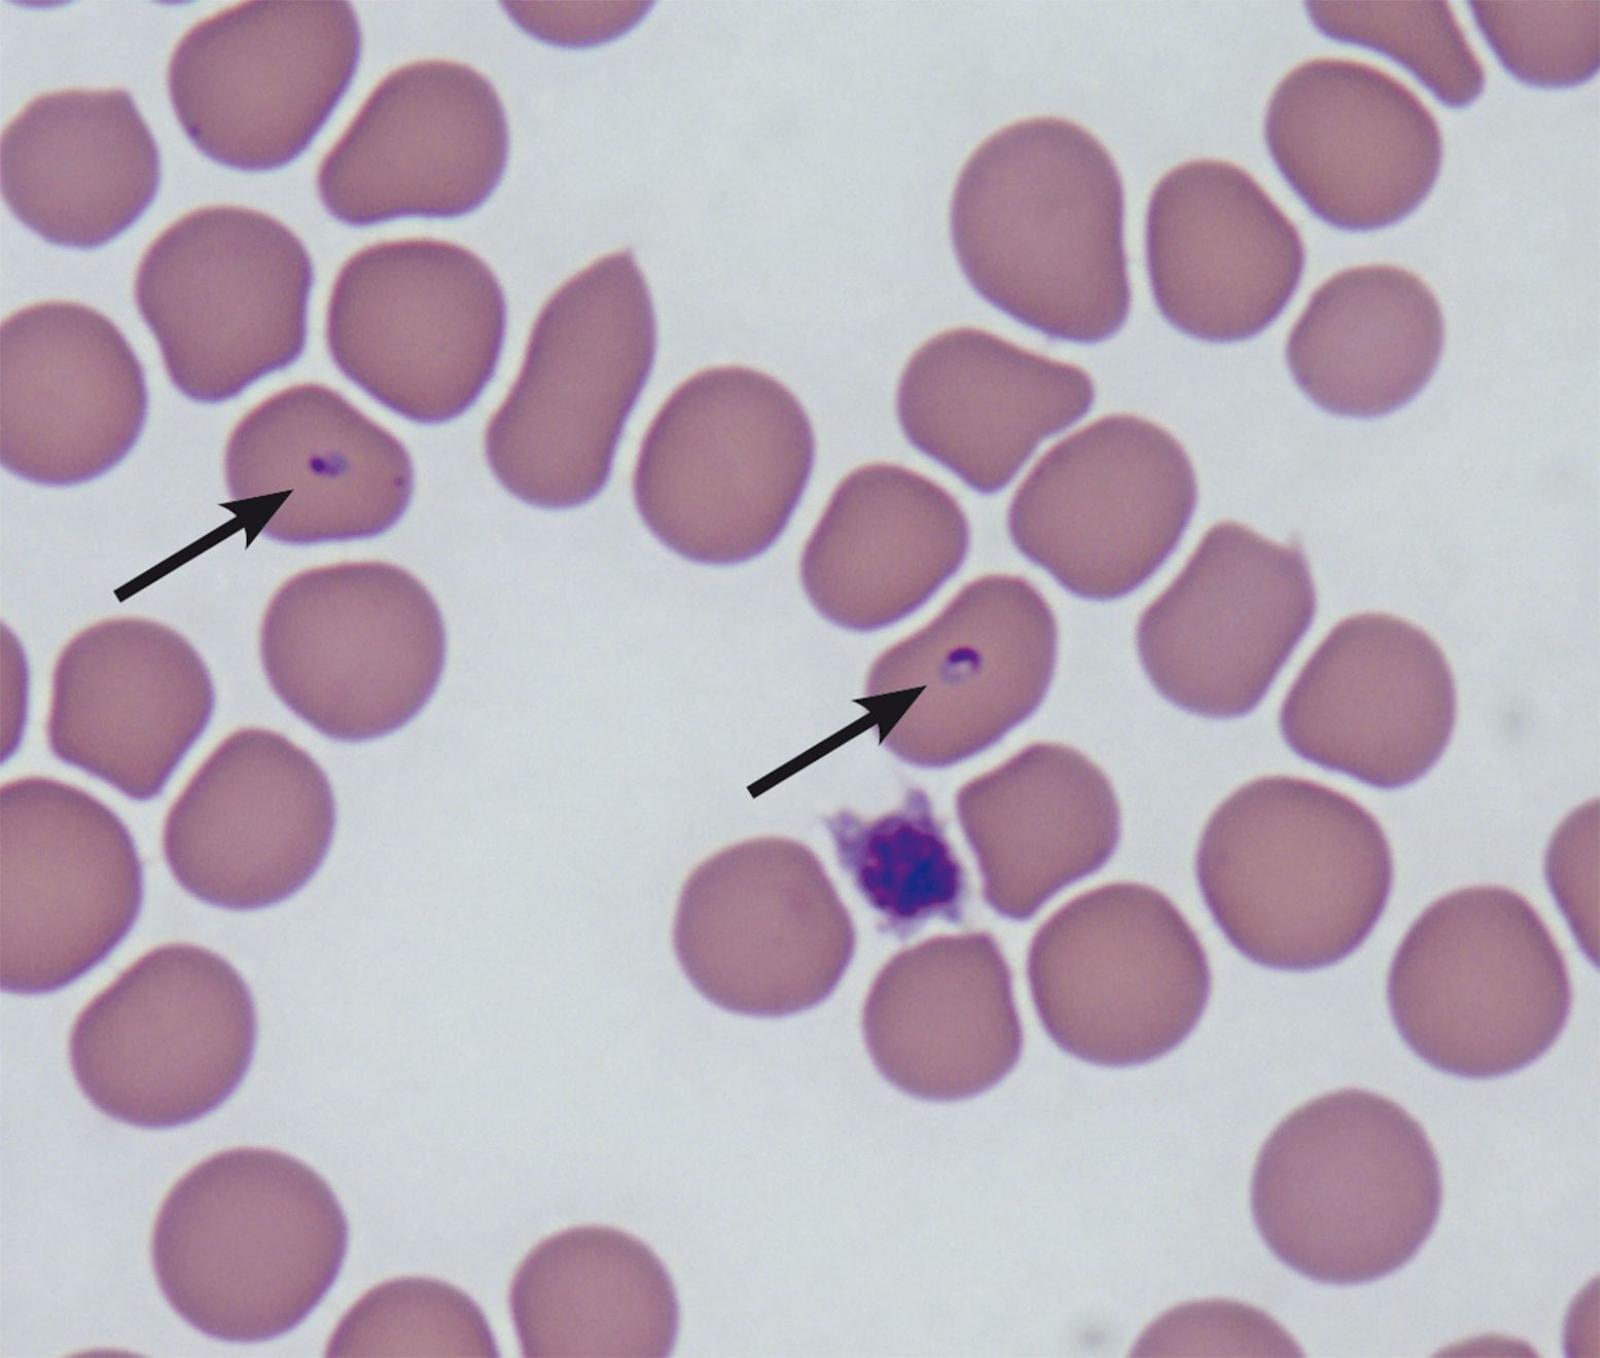 Trophozoïtes intracellulaires de Babesia felis